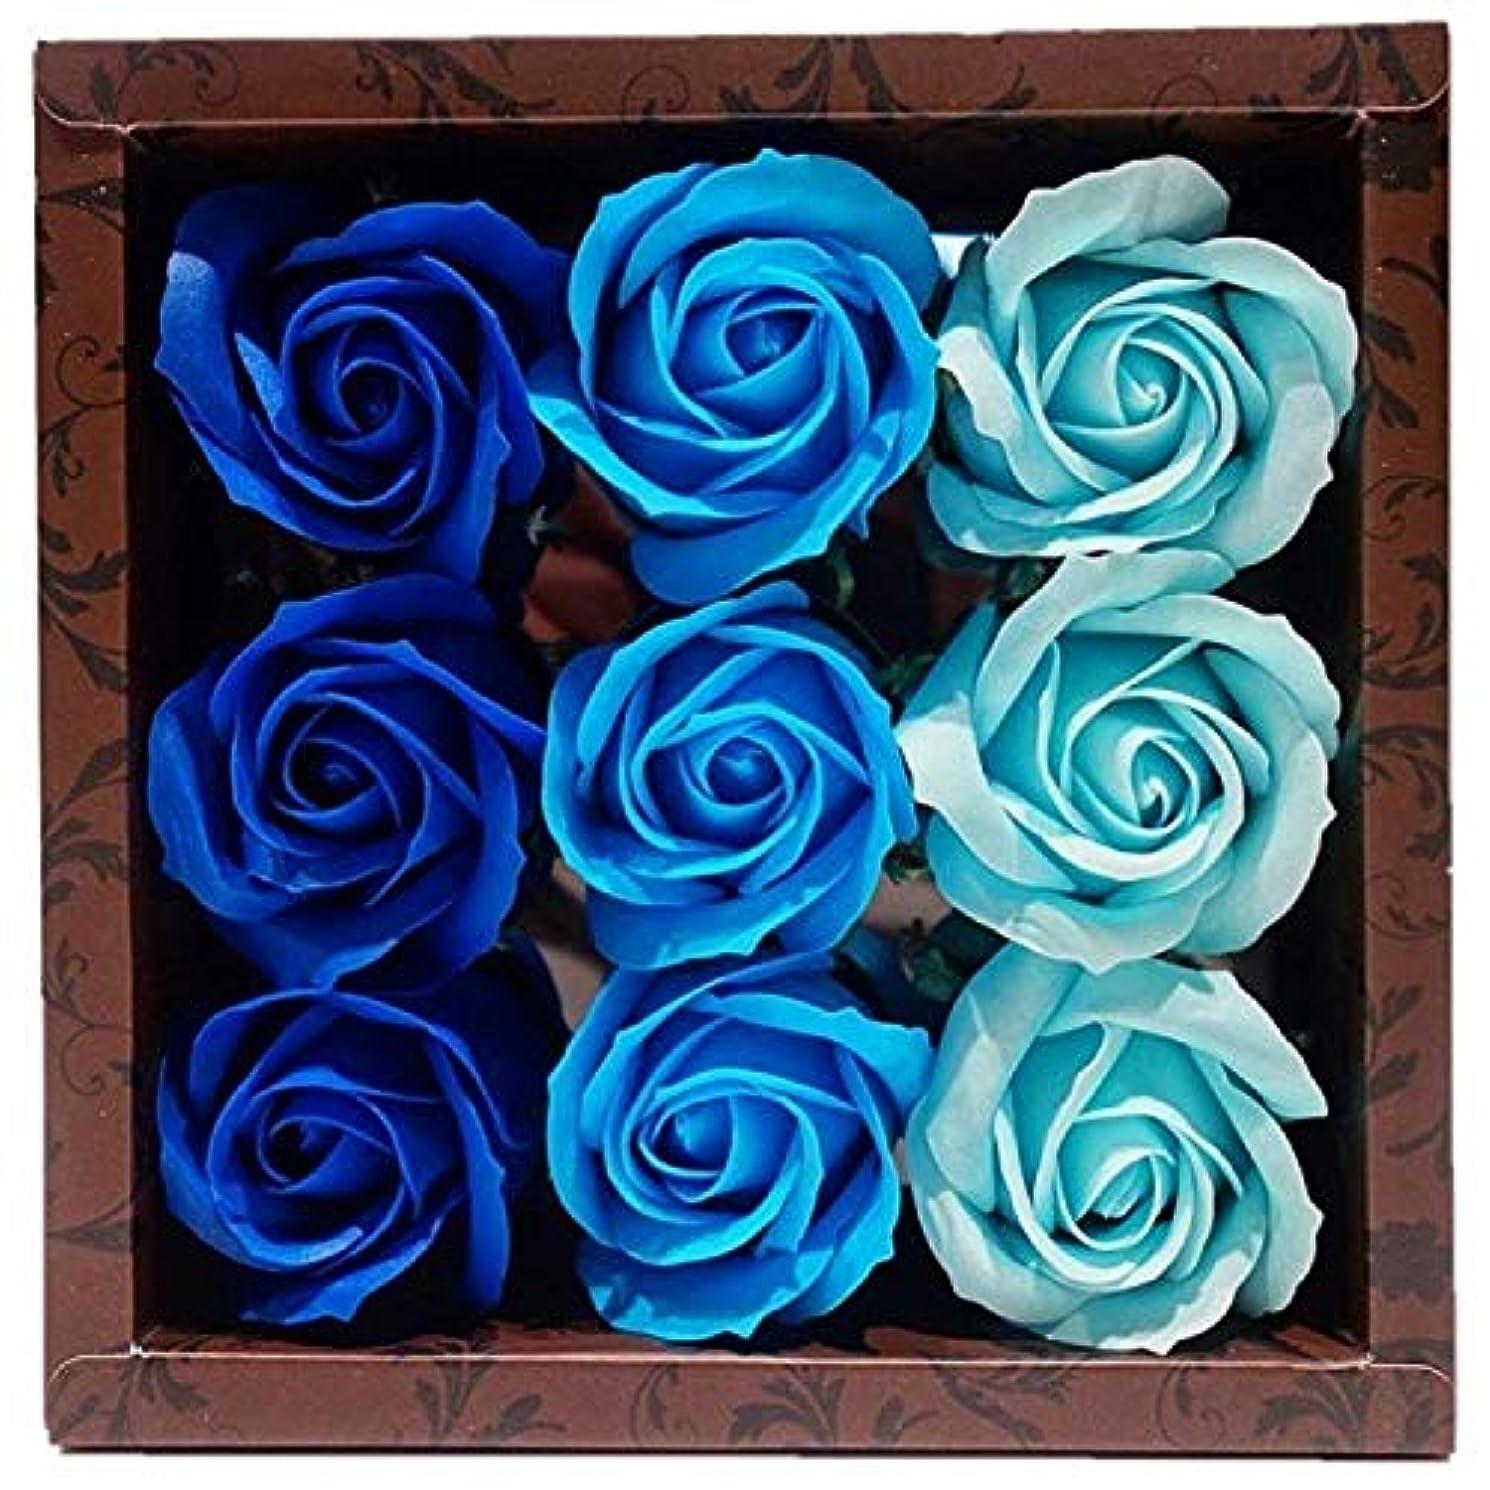 可決伝染性の体バスフレグランス バスフラワー ローズフレグランス ブルーカラー ギフト お花の形の入浴剤 ばら